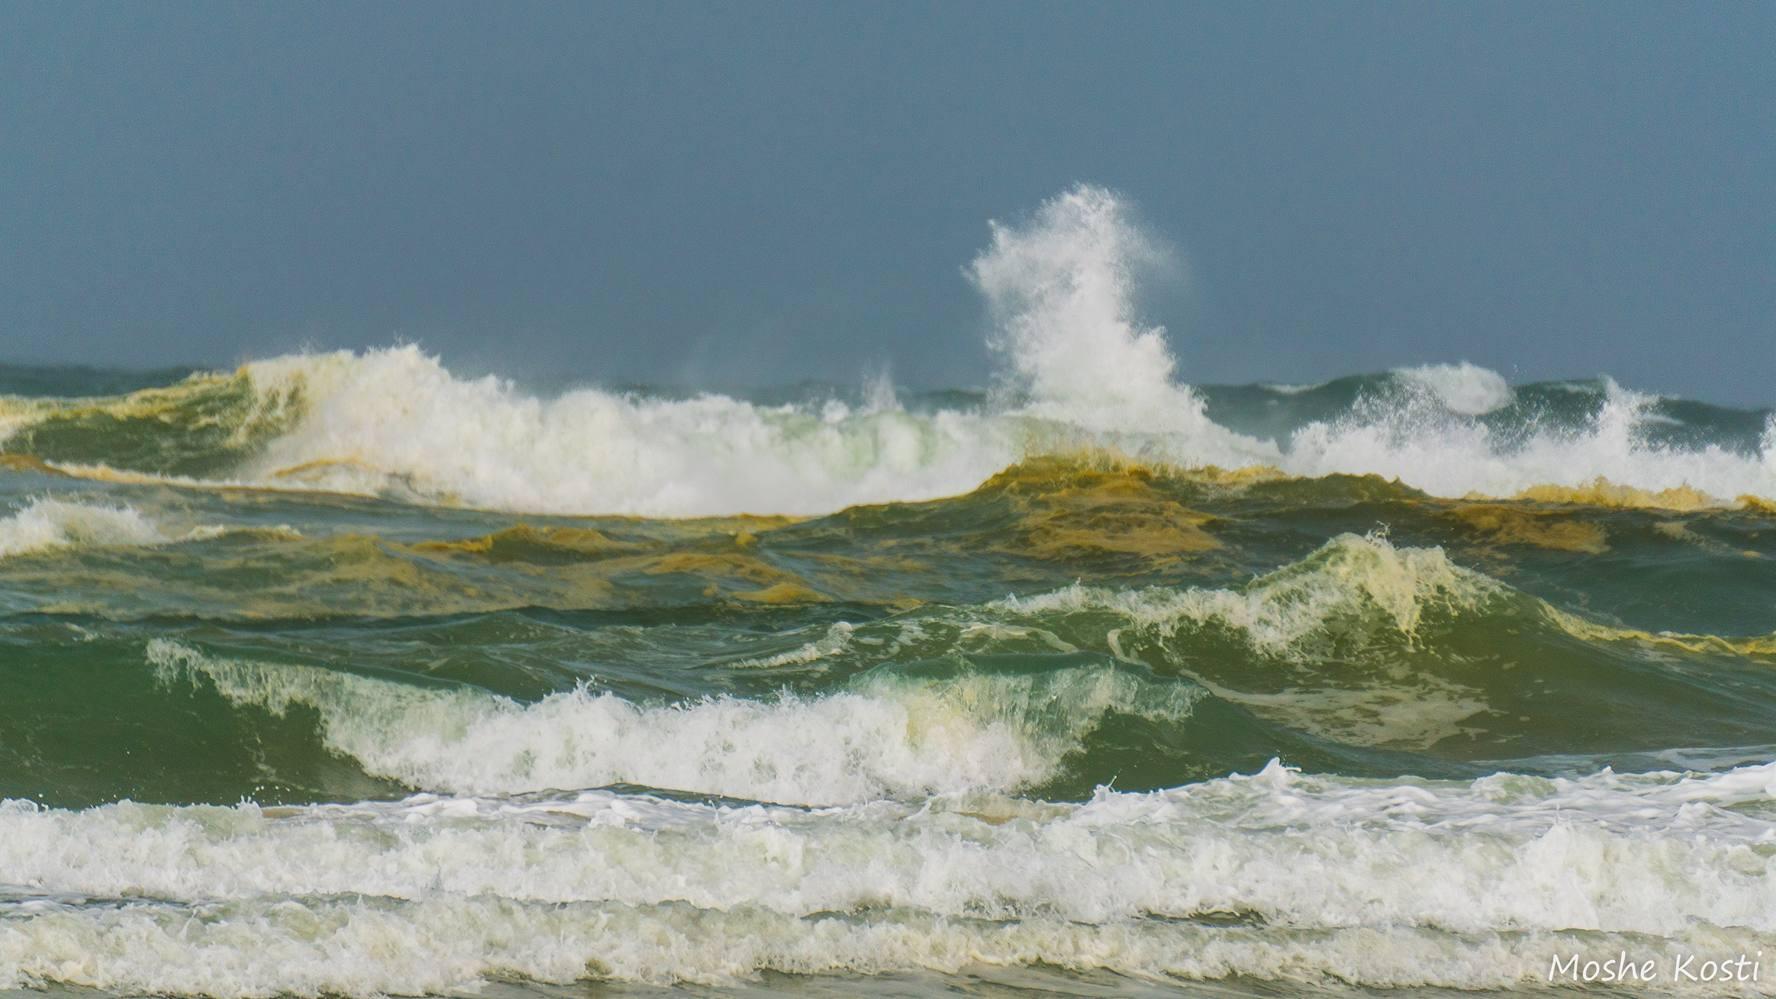 זיהום בחוף פלמחים 6